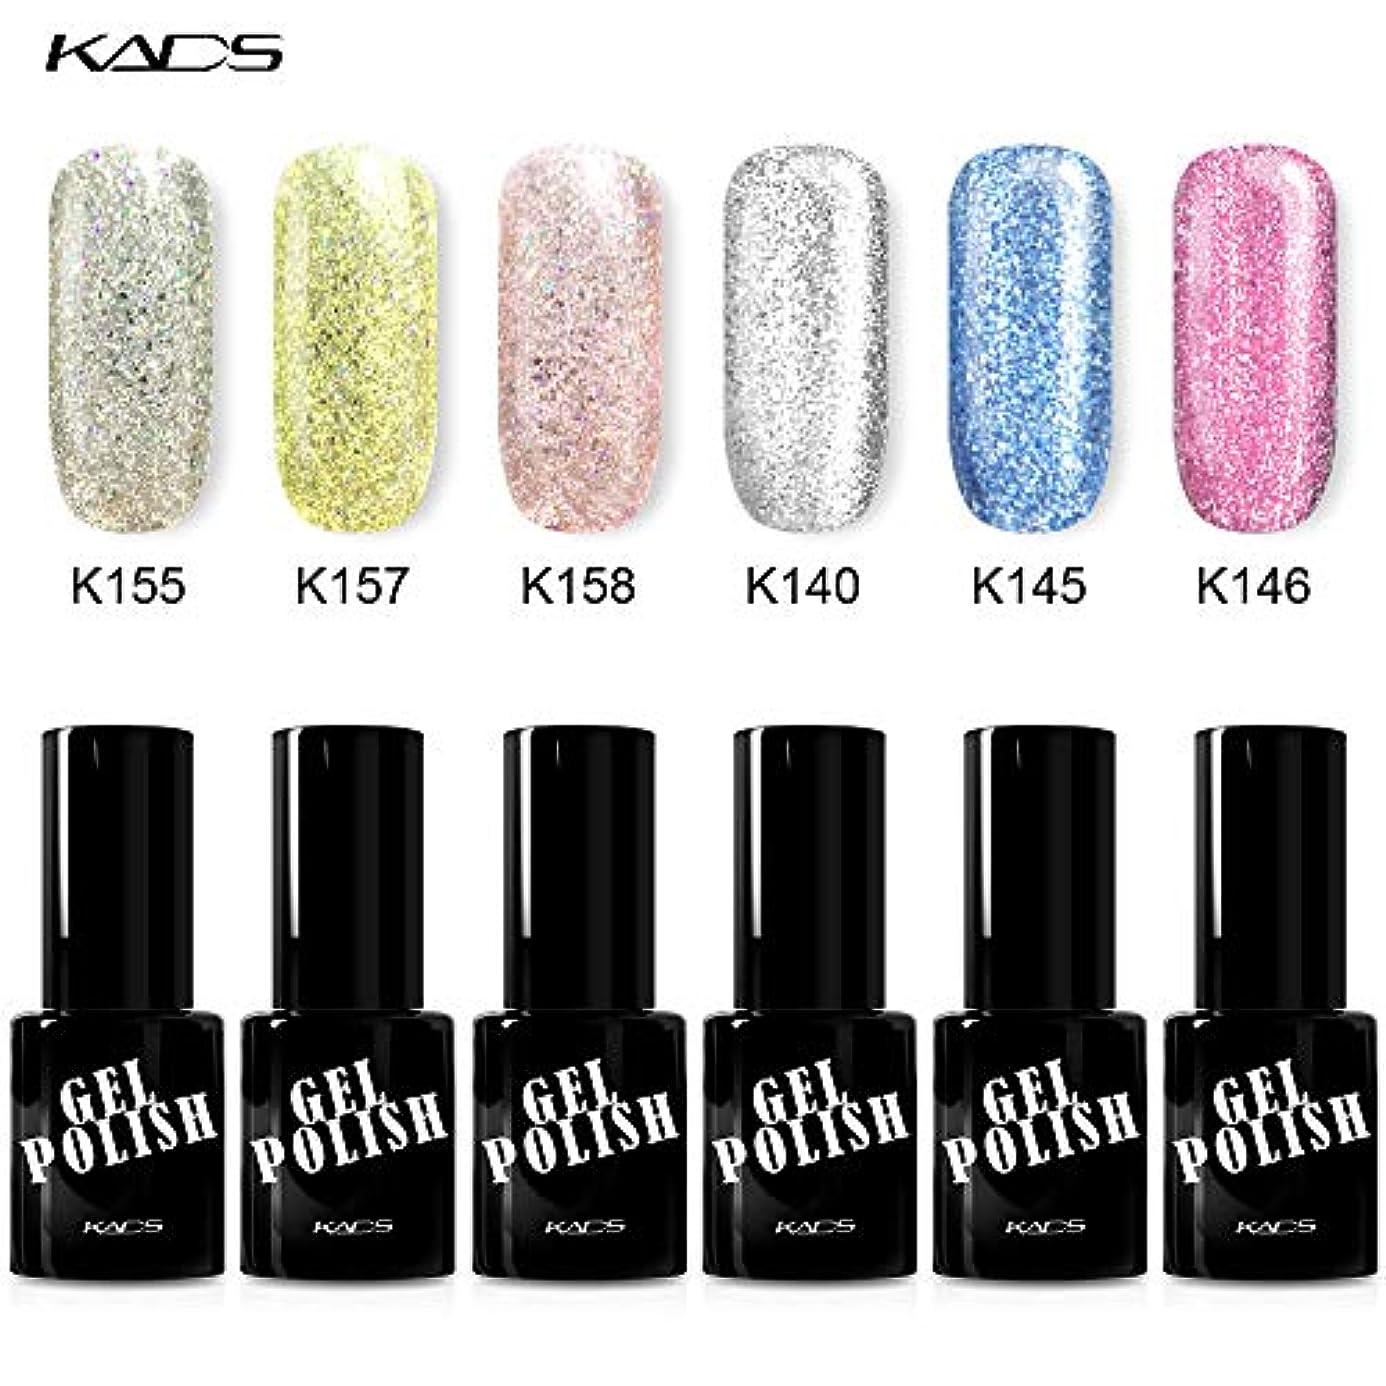 発疹岸同情的KADS カラージェル ラメ入りジェル キラキラ目 シルバー/ピンク系 6色セット 9.5ML UV?LED対応 艶長持ち (セット9)